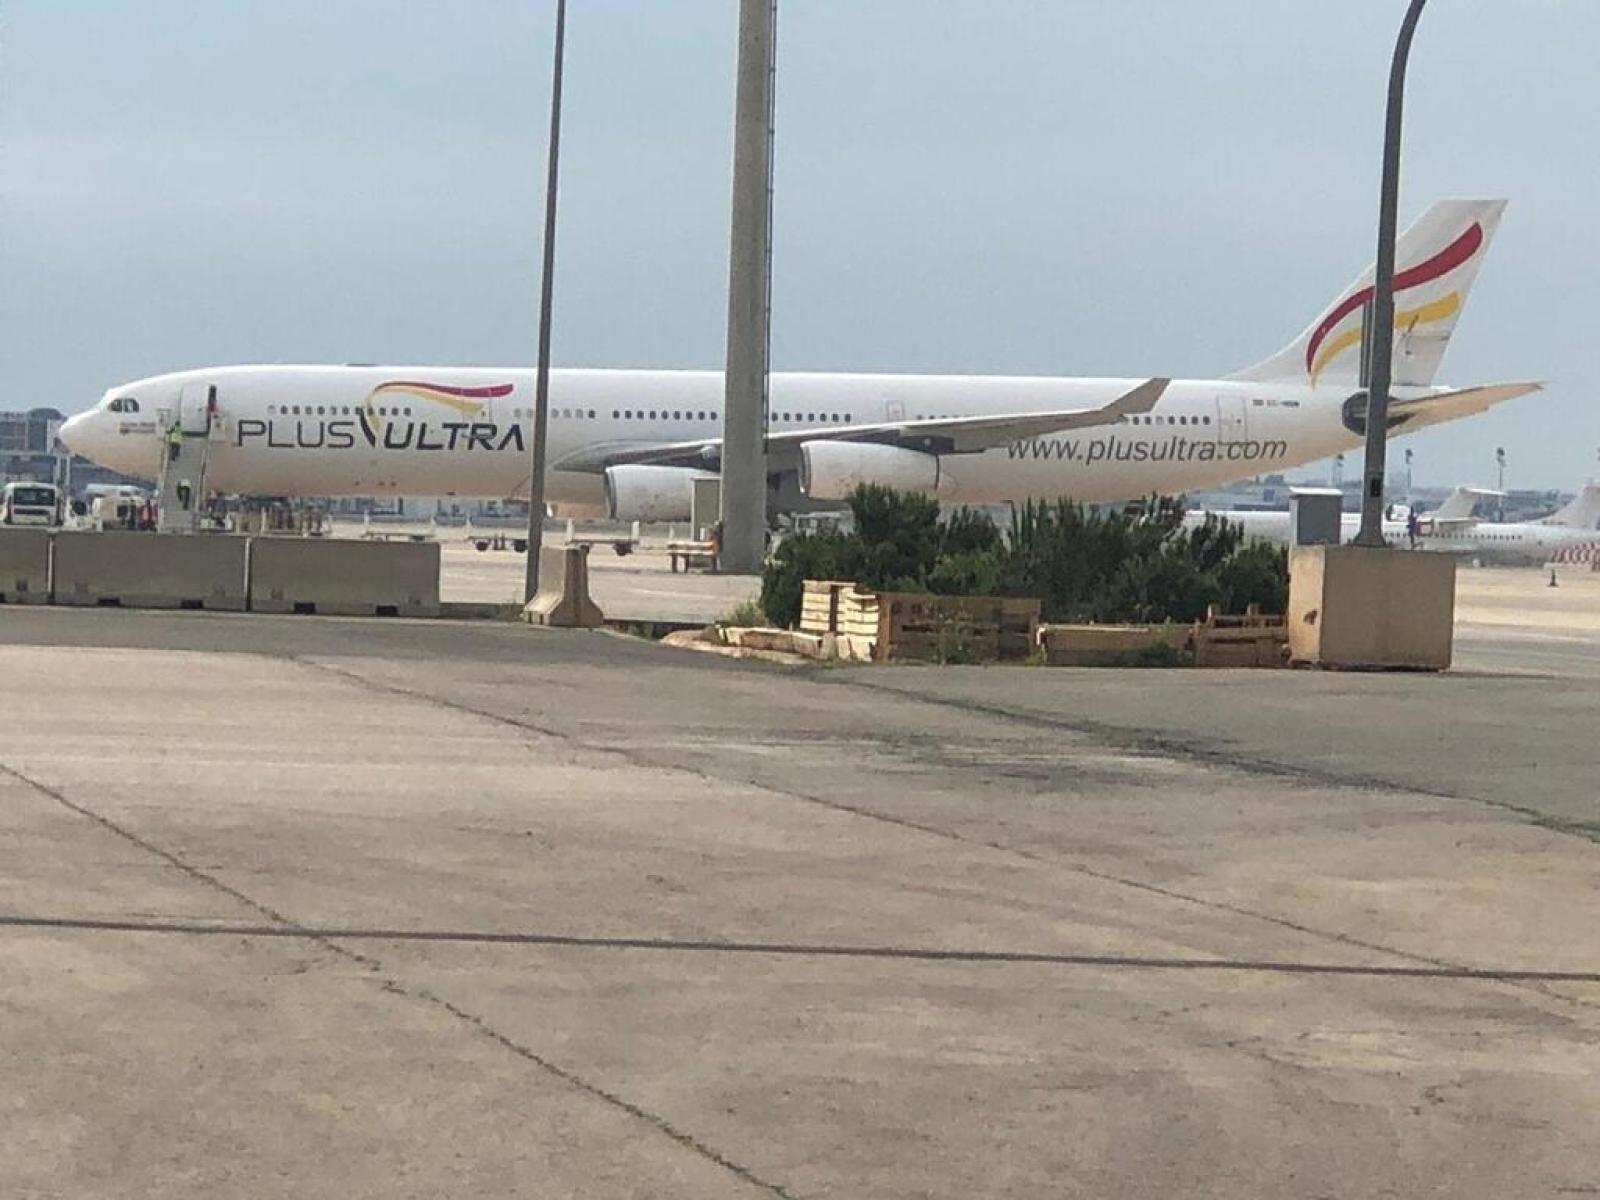 Llegan dos vuelos más de China con material sanitario adquirido por la Generalitat para la Comunitat Valenciana 200411_PRE_FOTO_1_avion_llegada (1)